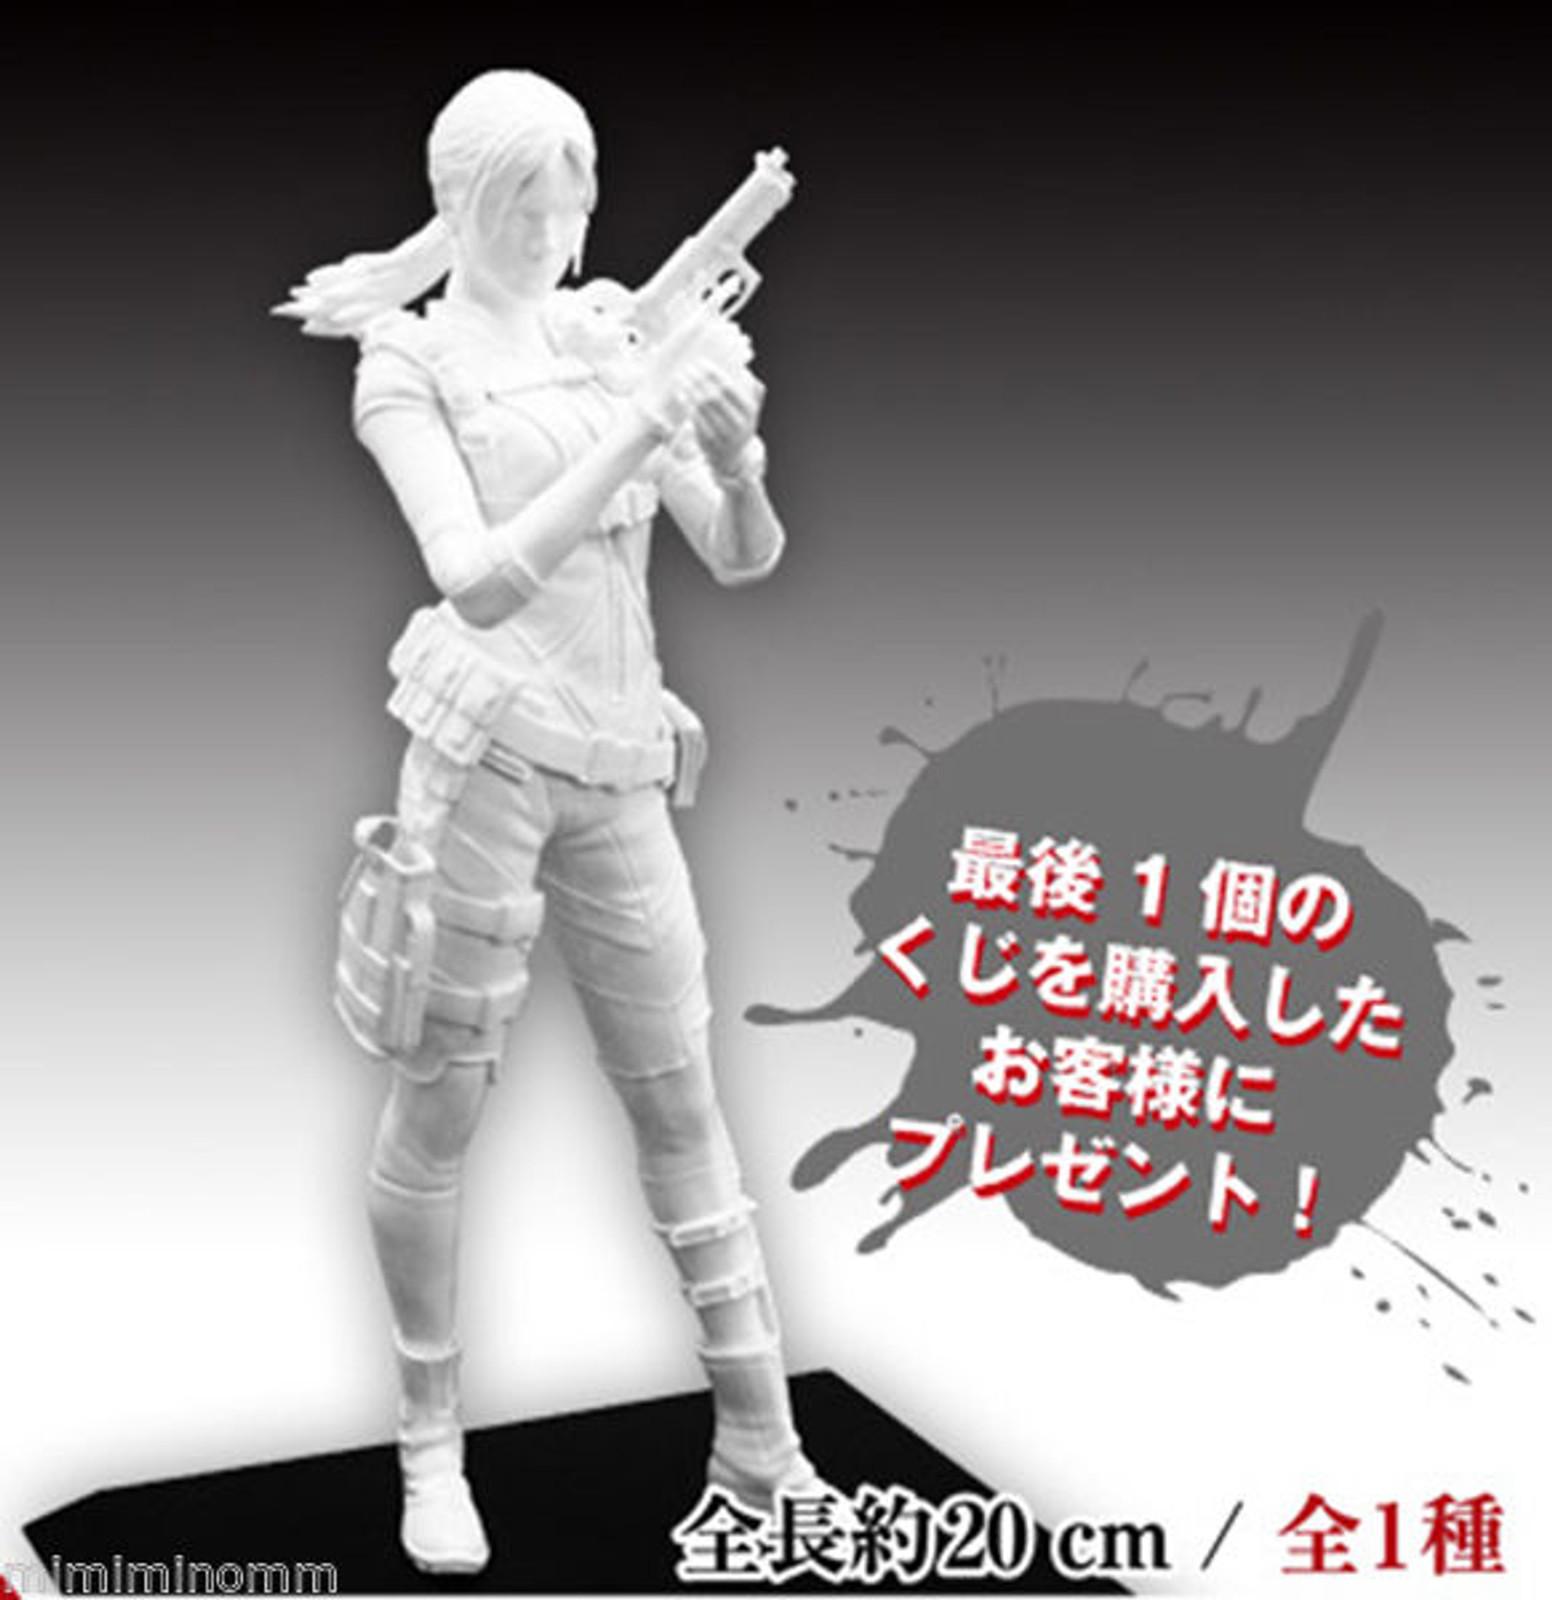 RESIDENT EVIL Biohazard Jill Valentine Levelations Enamel White Capcom Figure Builder JAPAN